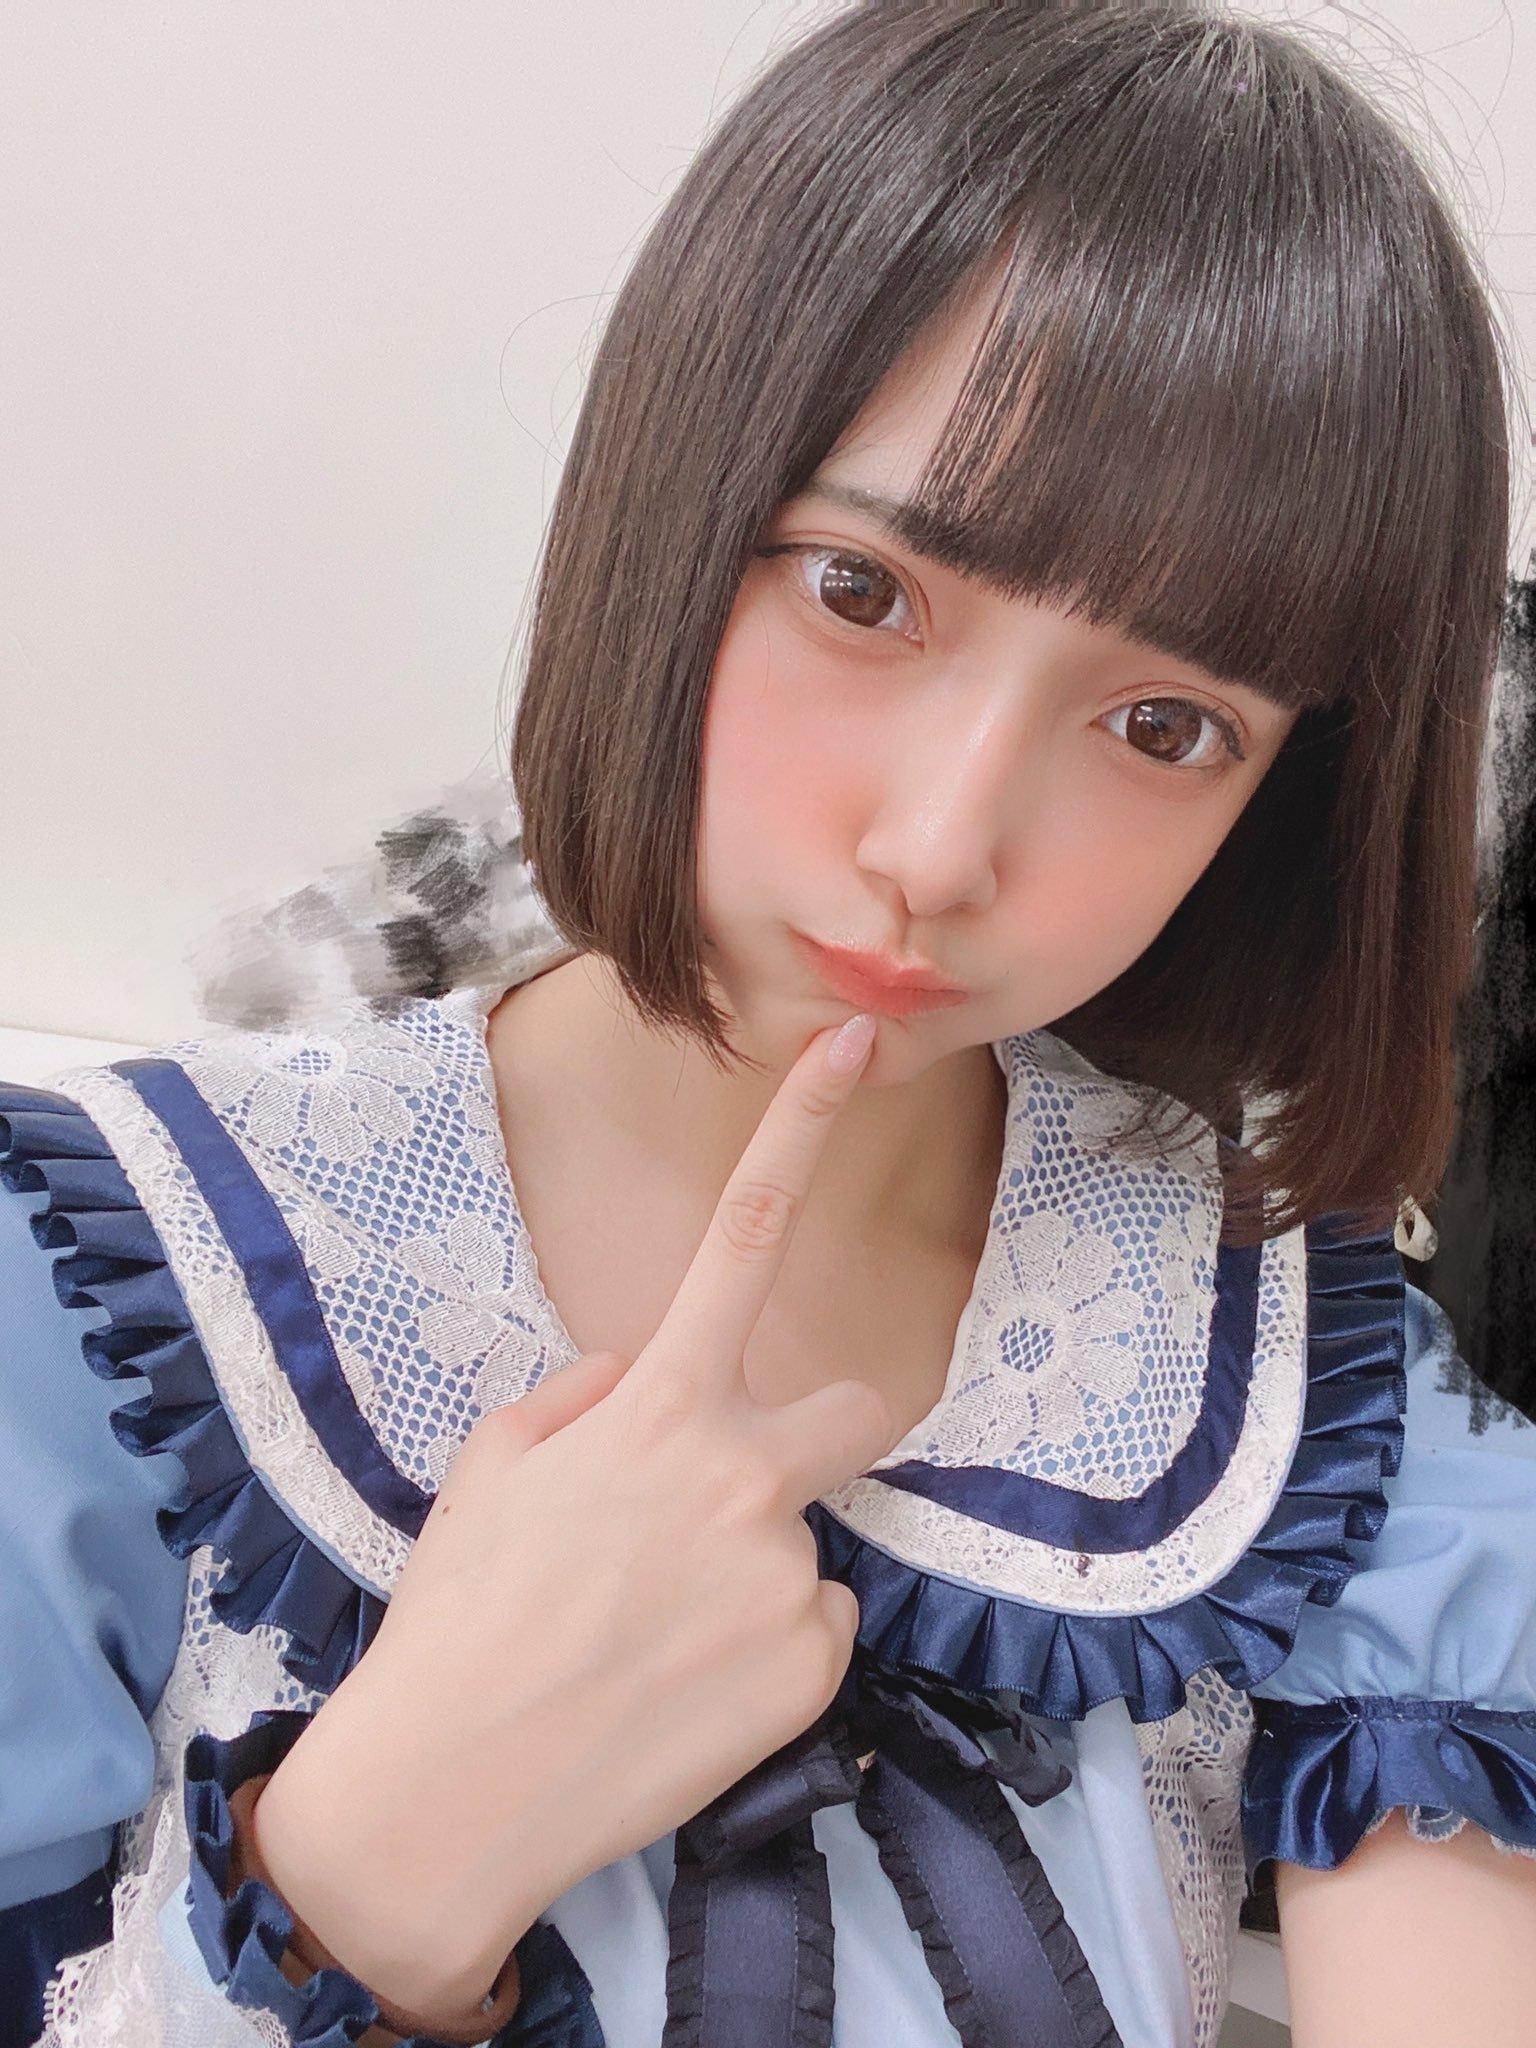 日本少女偶像天使もも写真使出招数 养眼图片 第2张